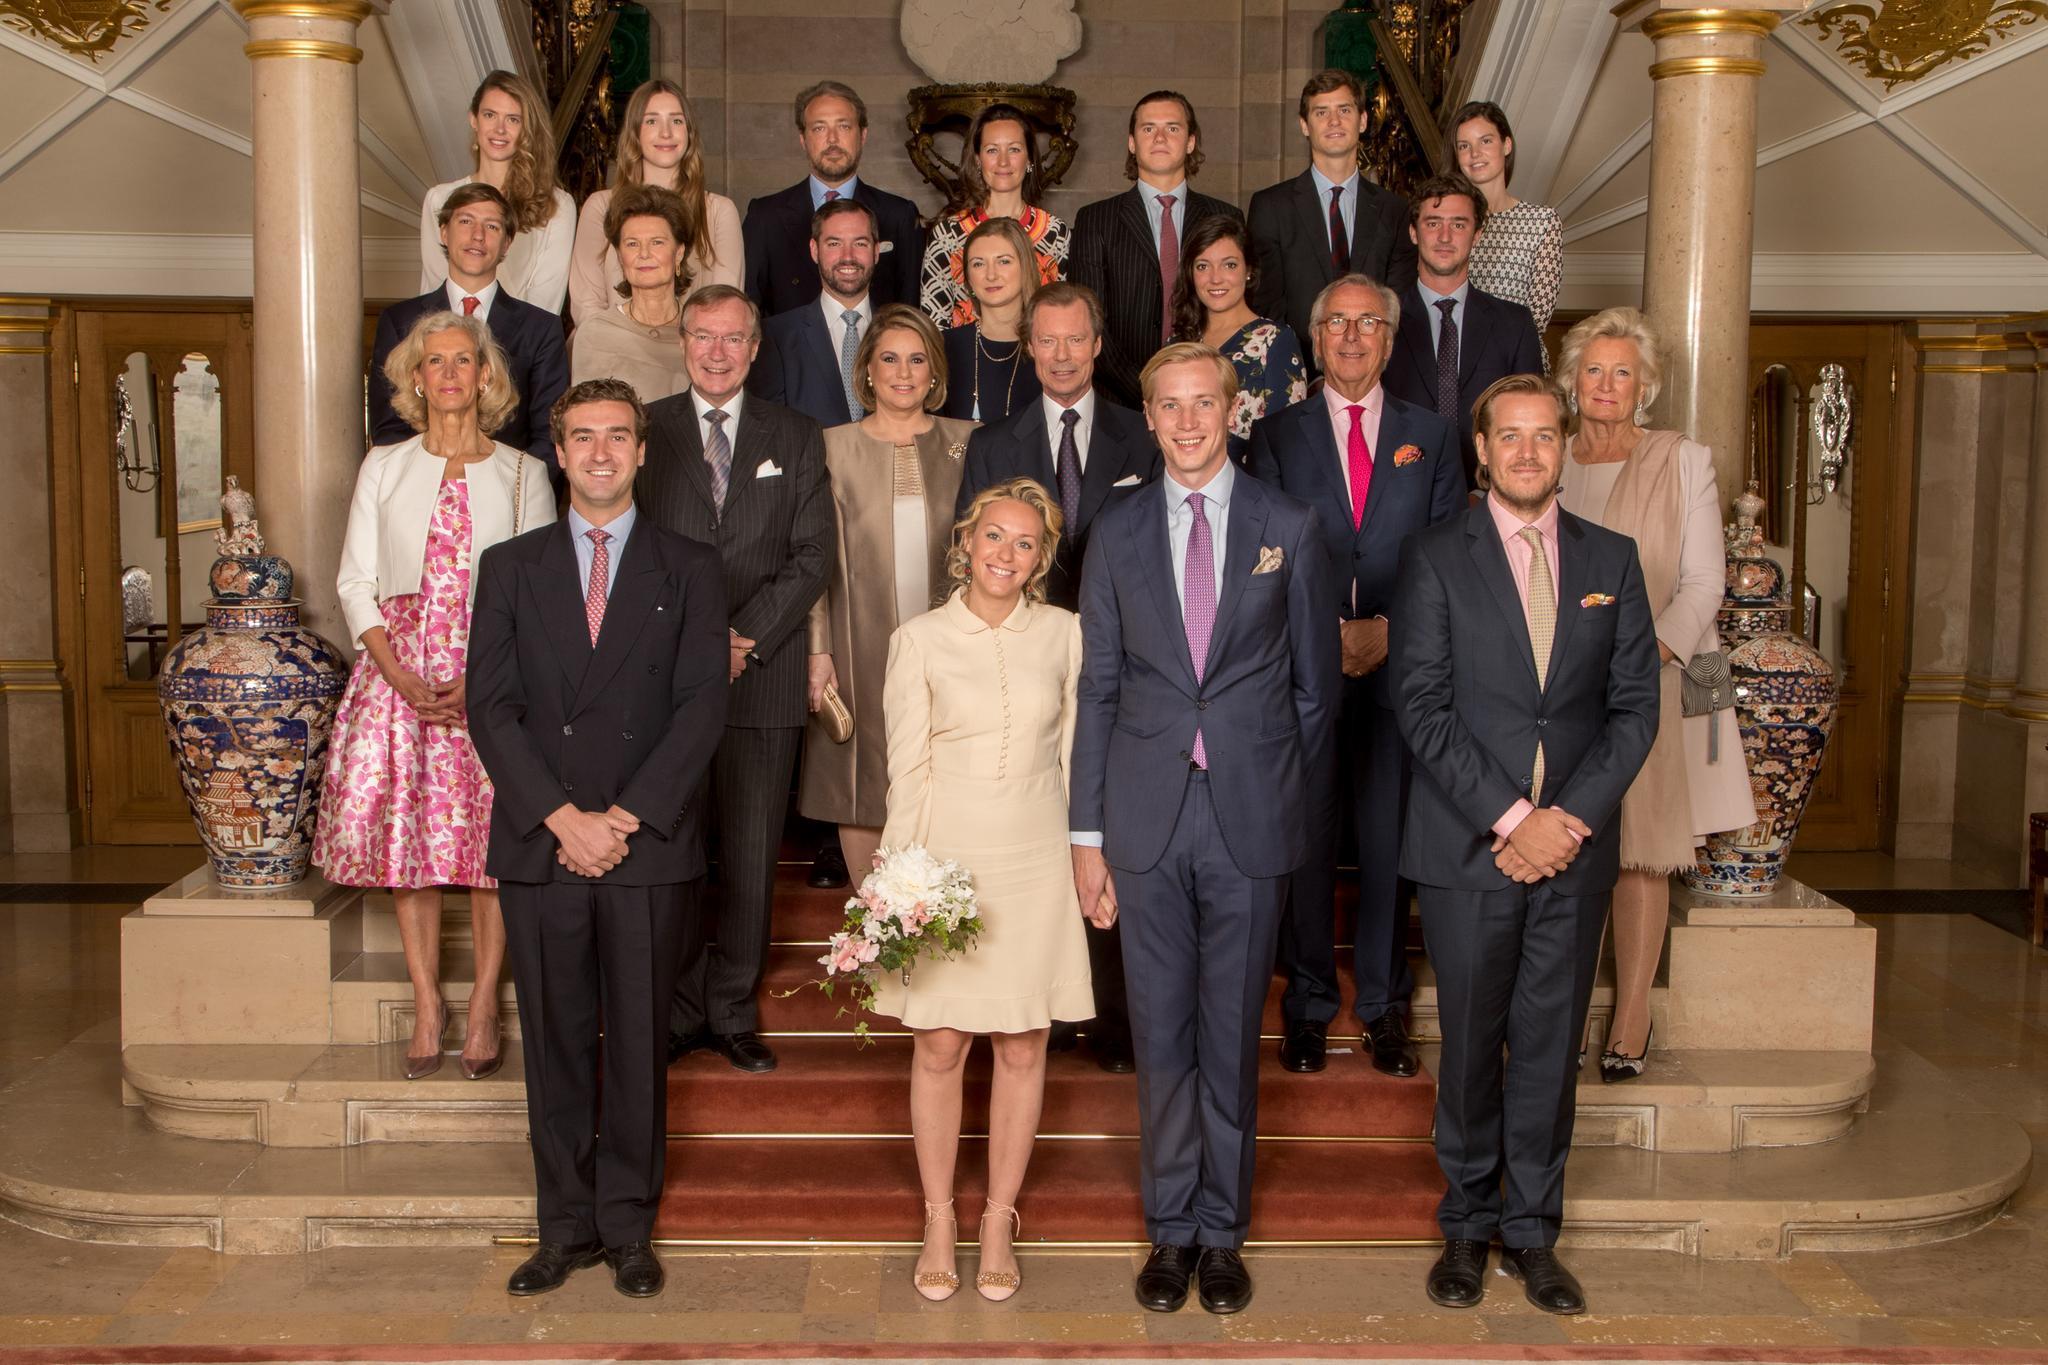 Das offizielle Hochzeitsfoto von Prinzessin Marie-Gabrielle und Antonius Willms.